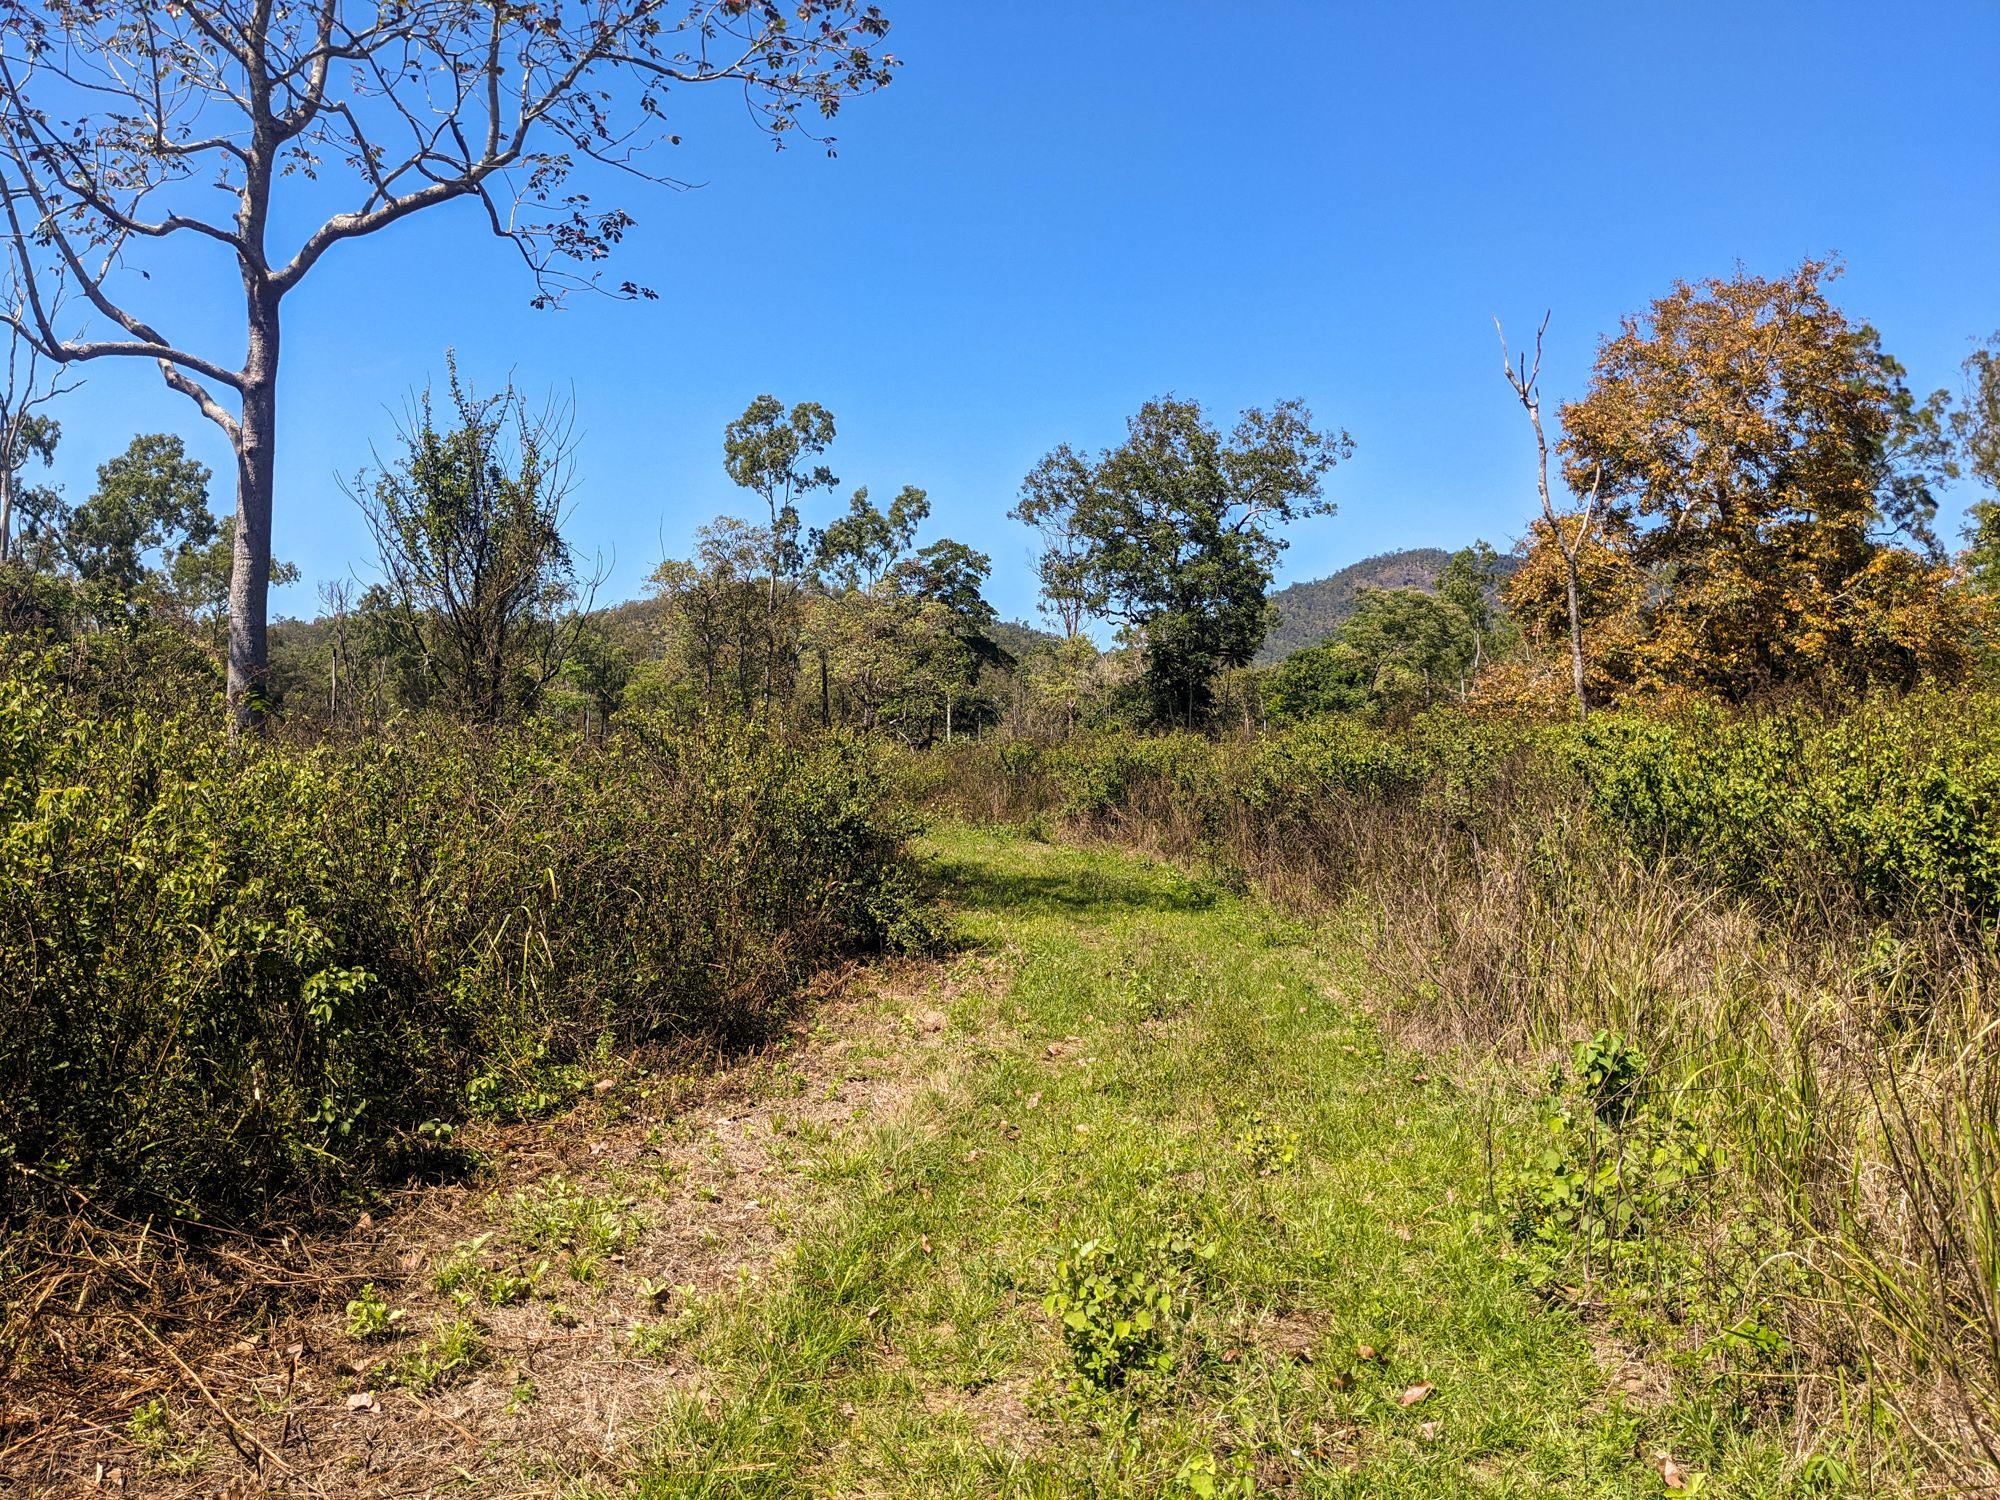 Henrietta trail weeds 2